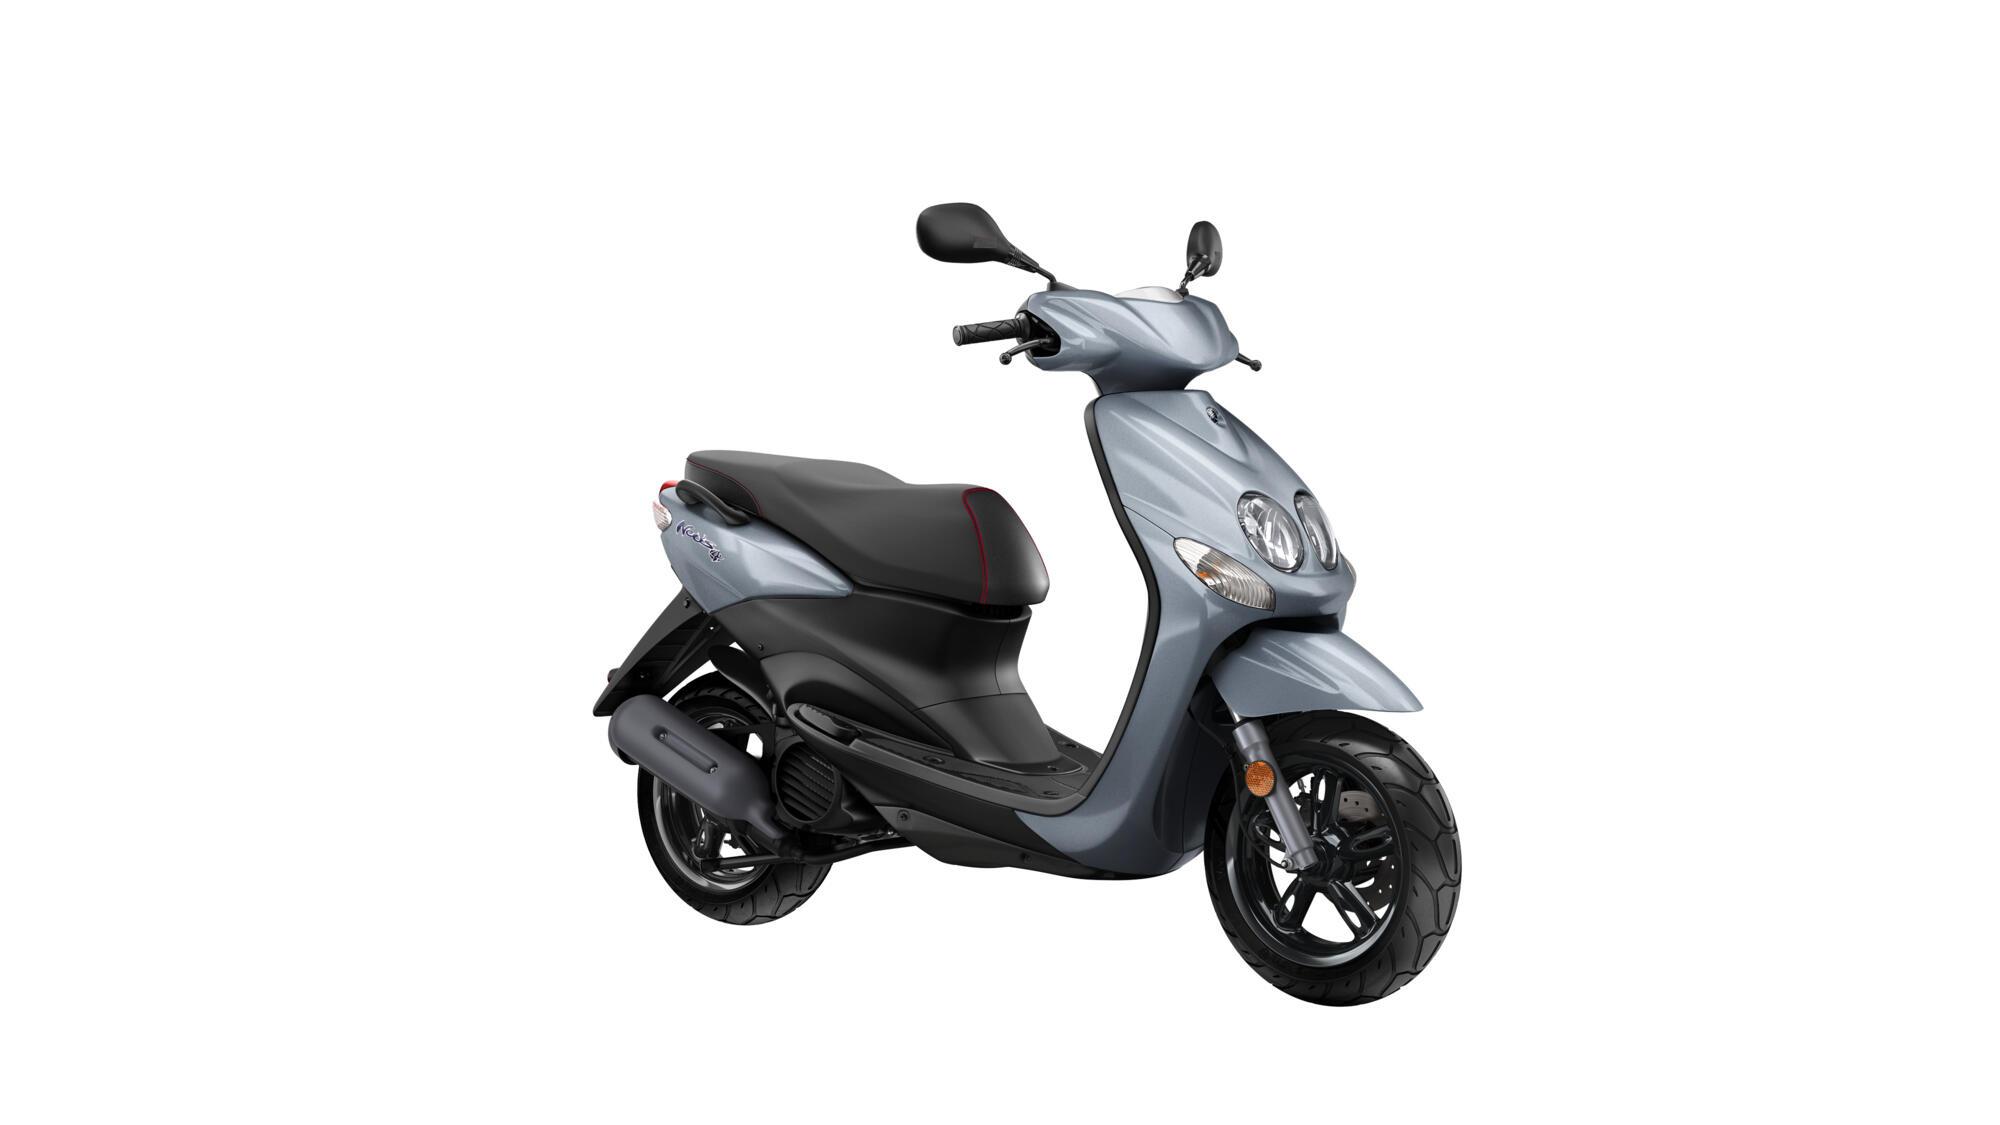 Yamaha-Neo's-4-50-cc-ehliyet-gerektirmeyen-motor-b-ehliyetiyle-kullanılabilen-motor